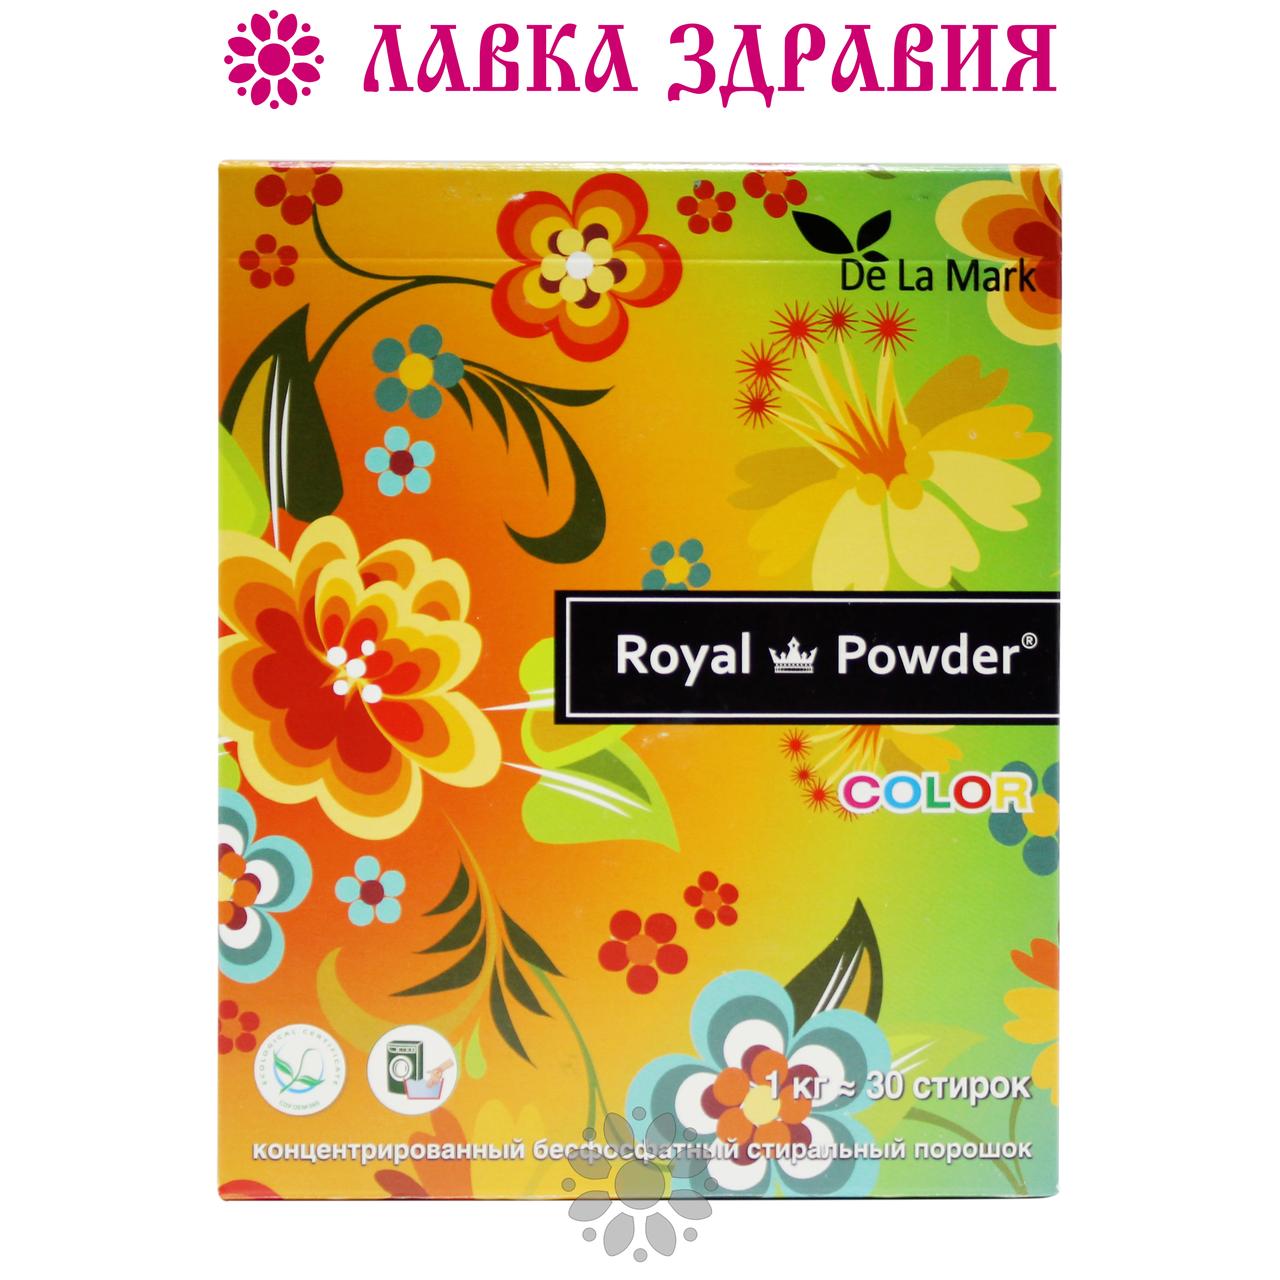 Концентрированный бесфосфатный стиральный порошок Royal Powder Color, 1 кг